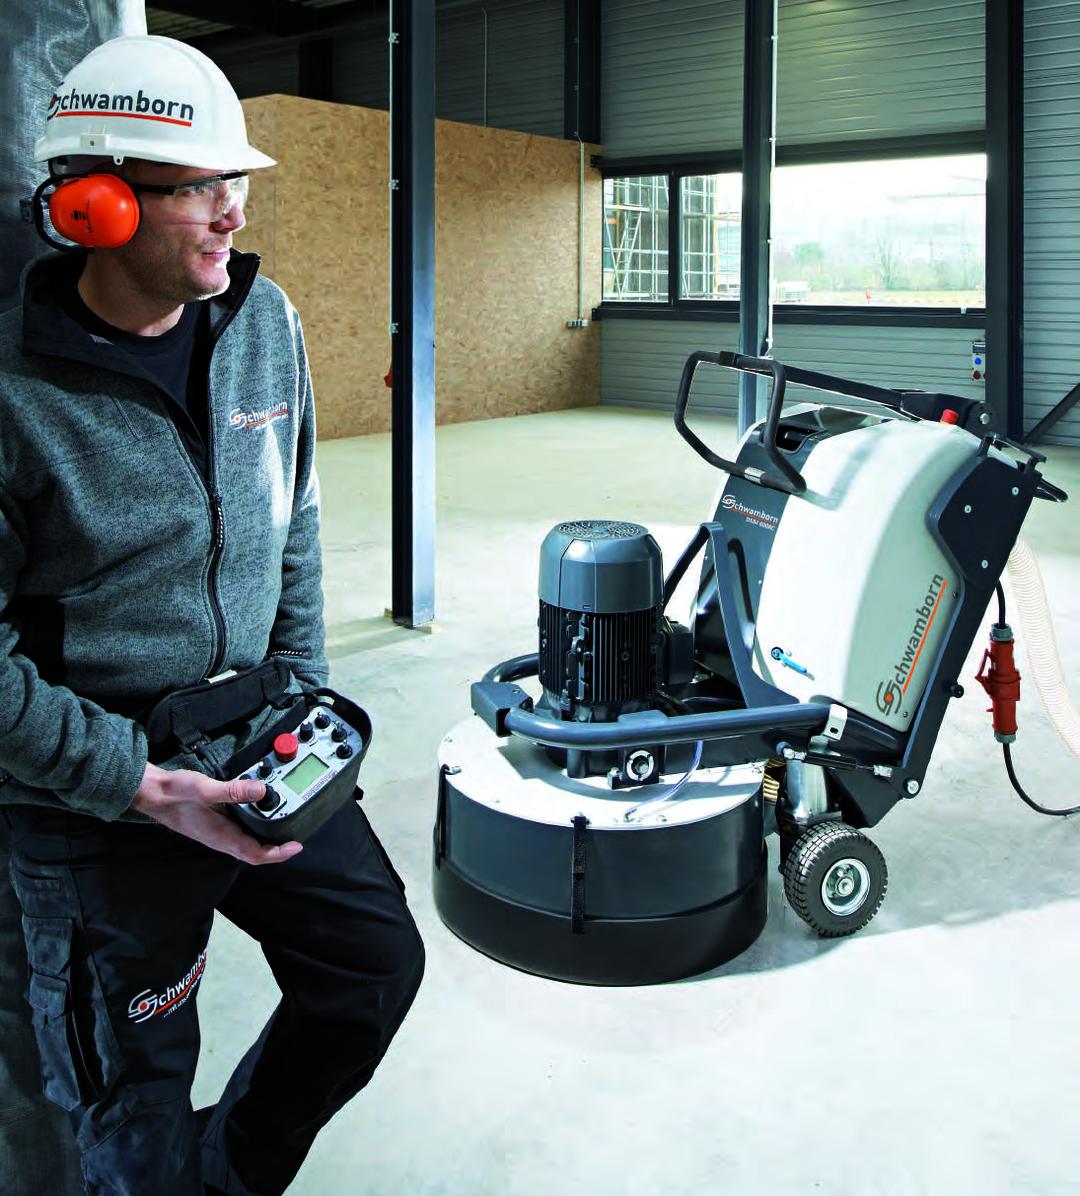 Фрезерование бетона оборудование наружная температура для цементных растворов